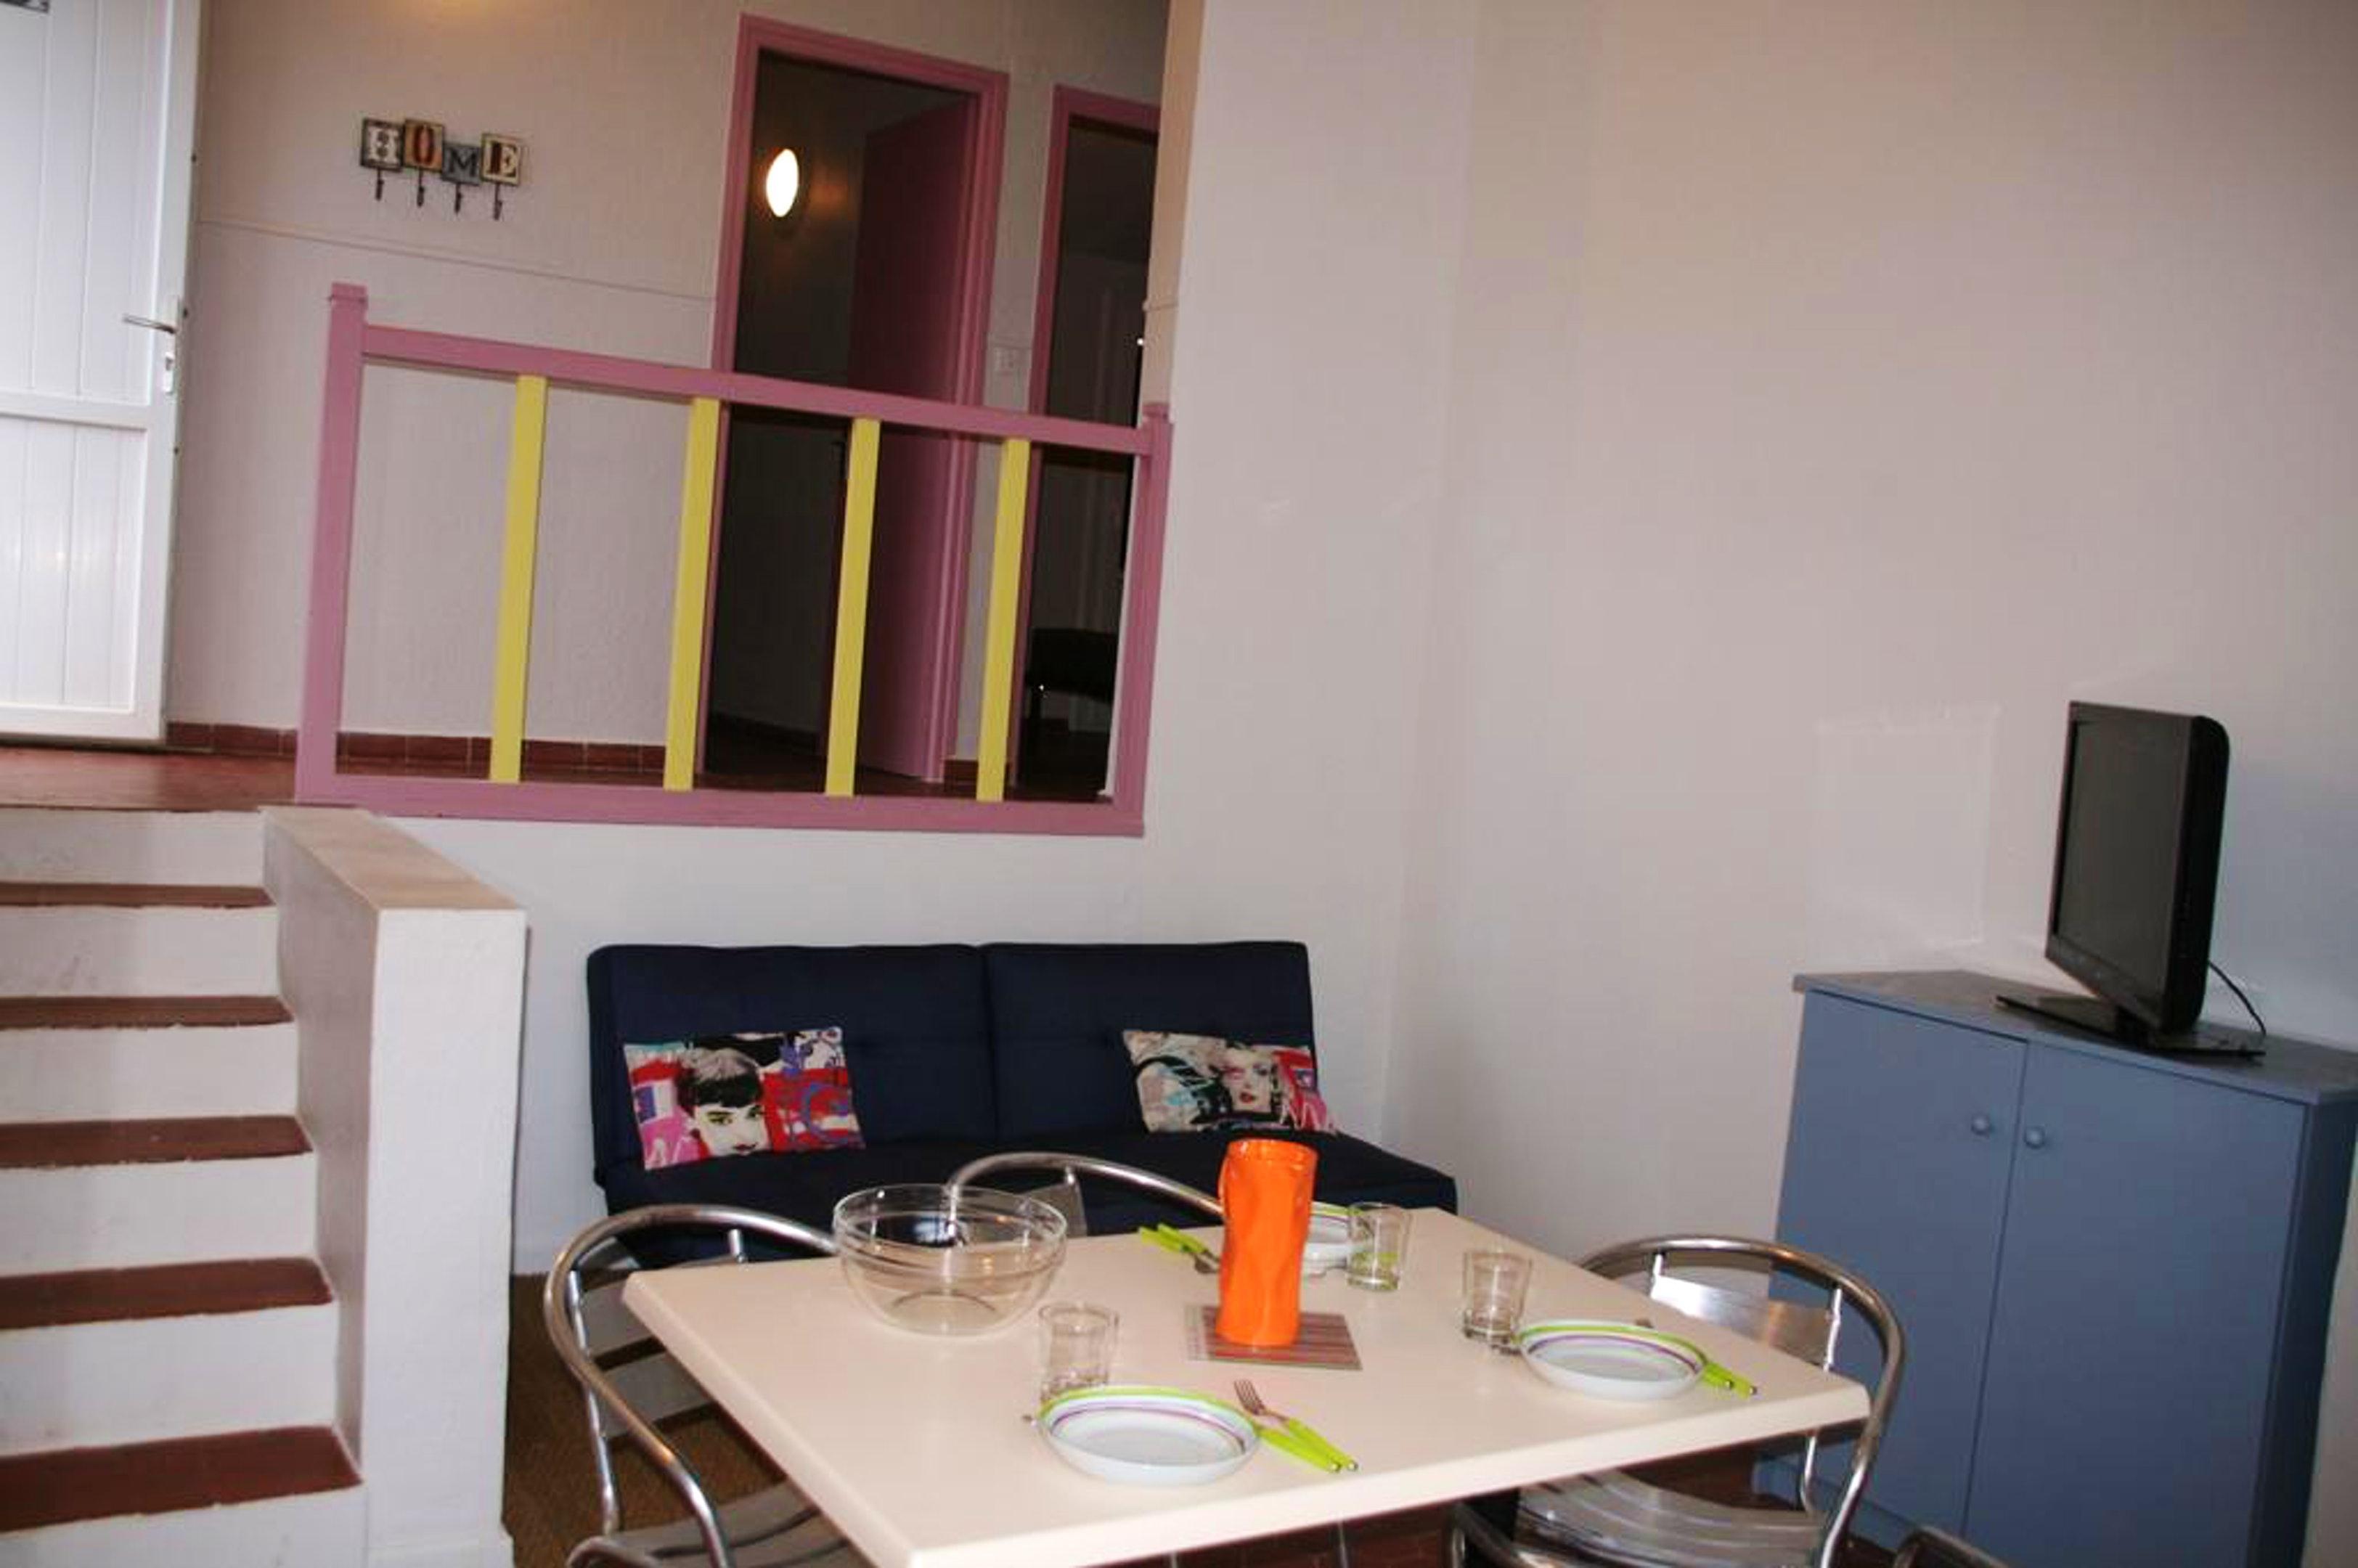 Ferienhaus Haus mit 2 Schlafzimmern in Puy-l'Évêque mit Pool, eingezäuntem Garten und W-LAN (2701052), Puy l'Évêque, Lot, Midi-Pyrénées, Frankreich, Bild 2